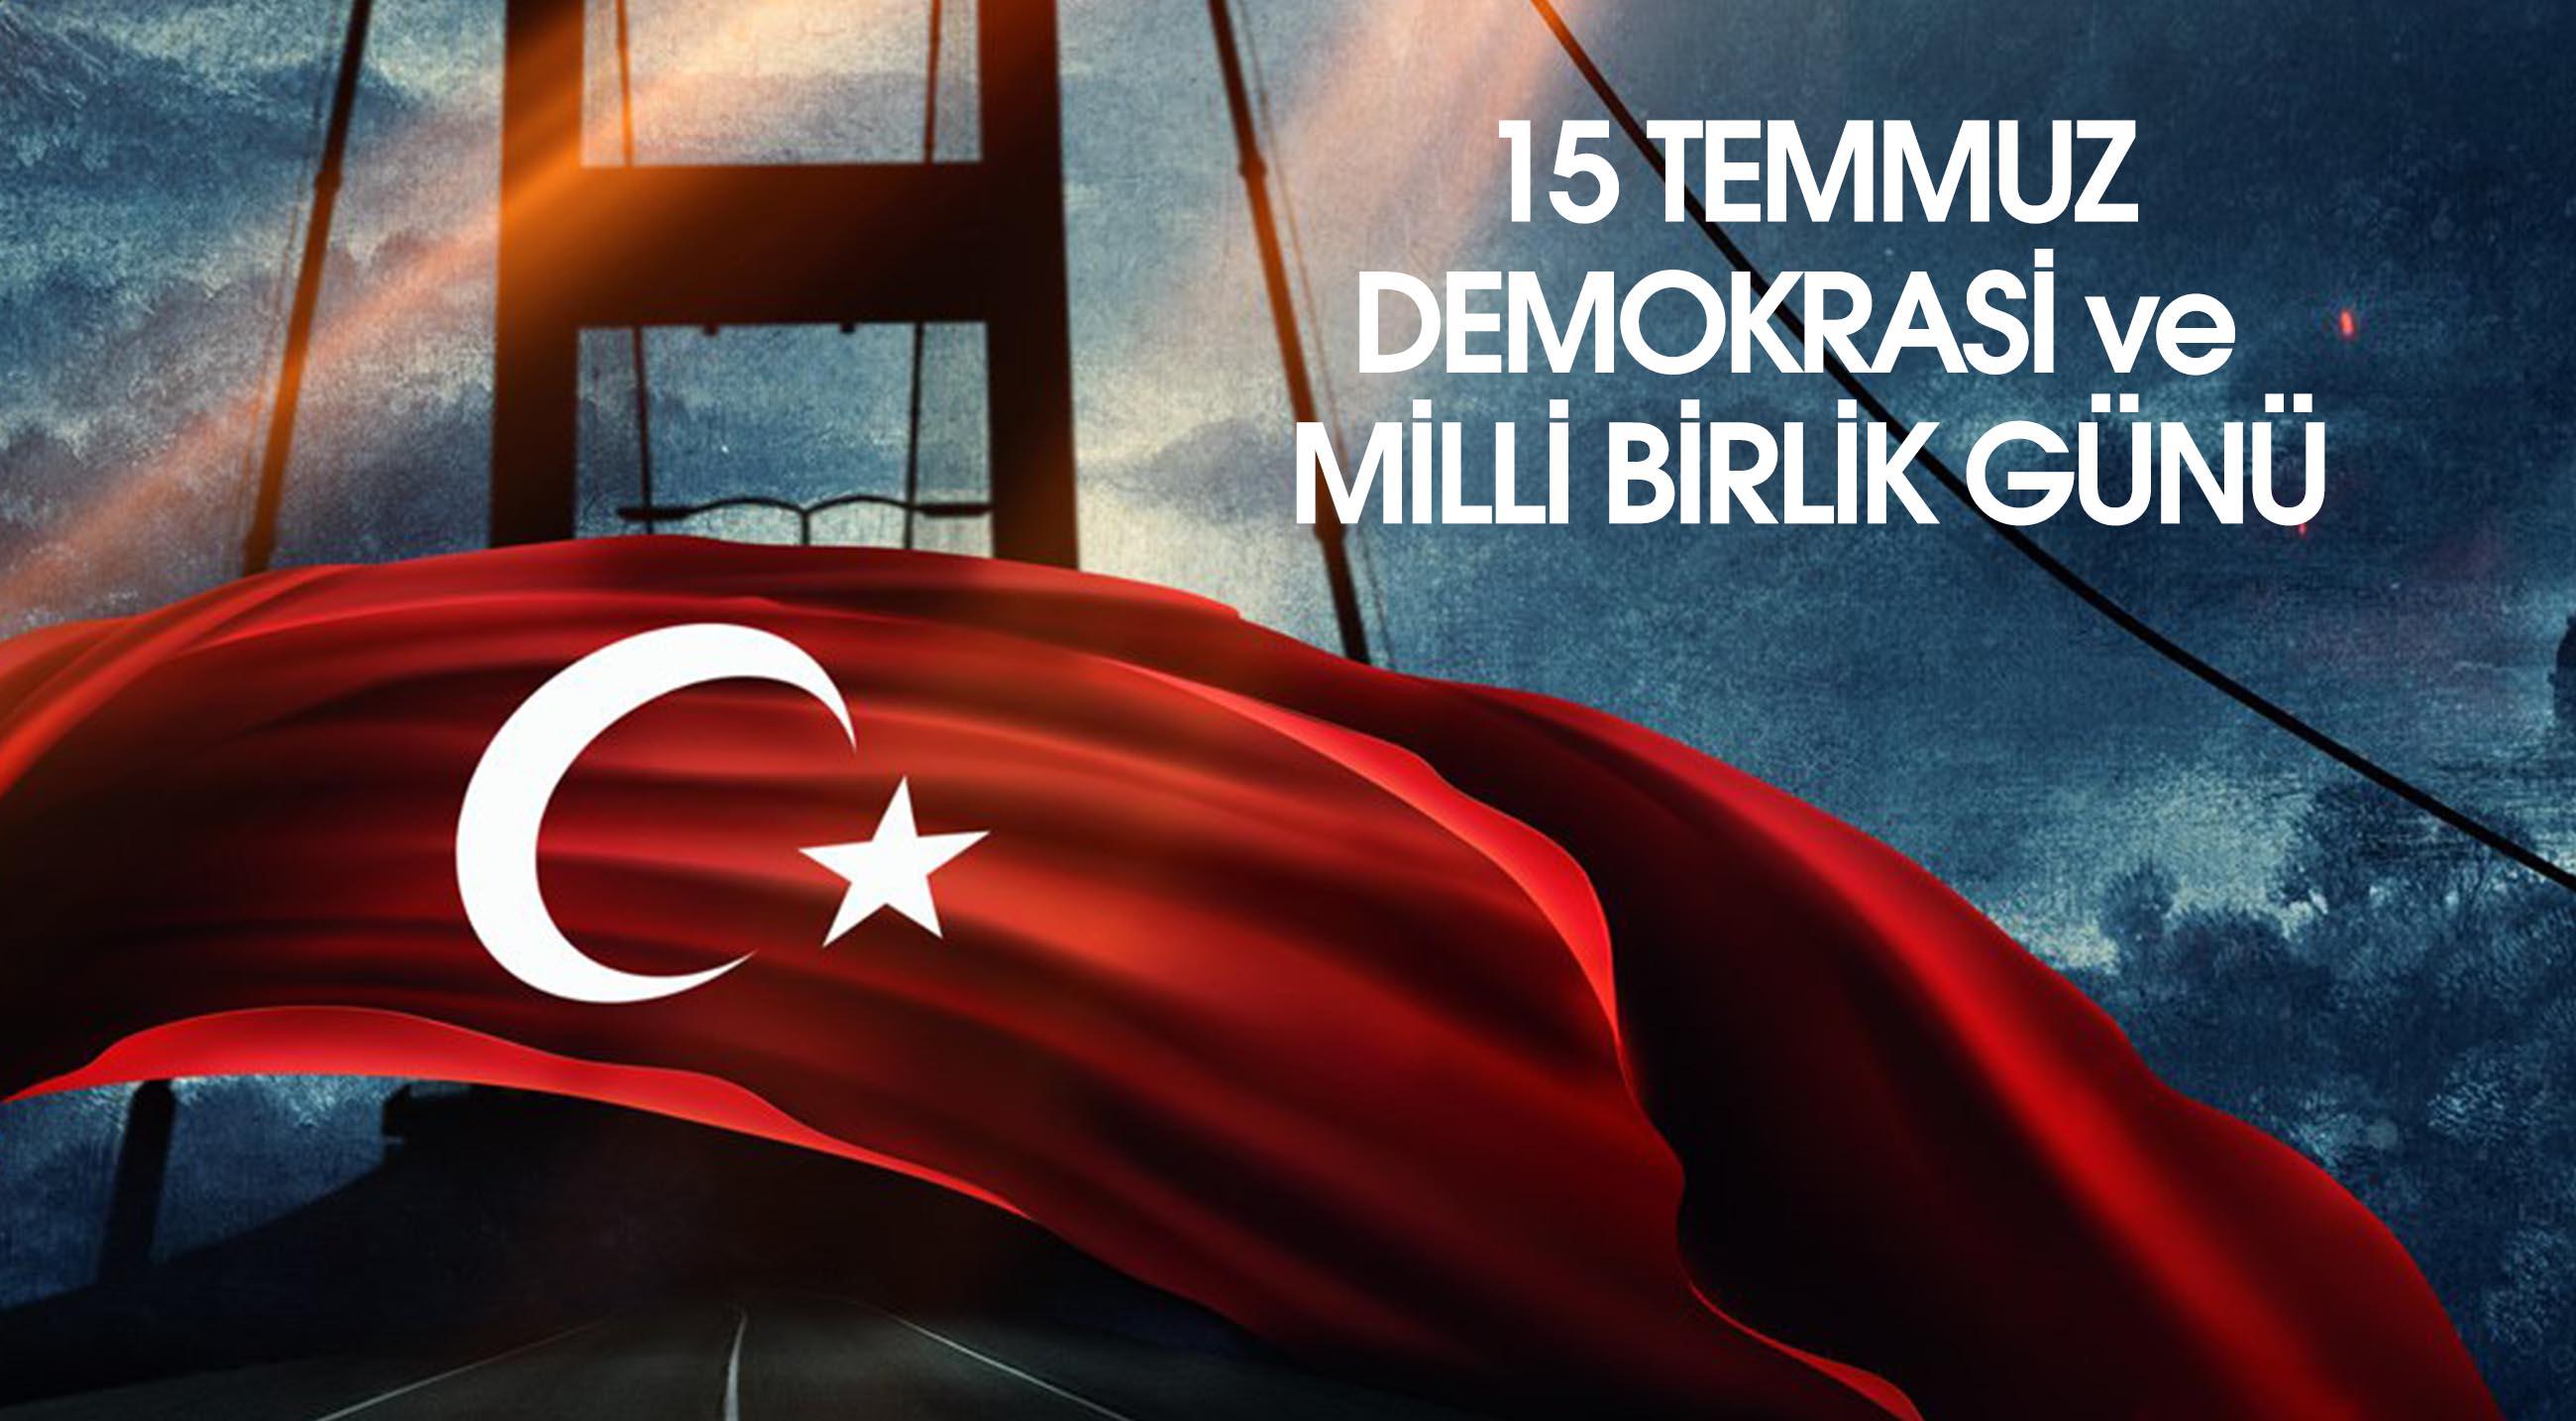 15 Temmuz milli bayram mı? 15 Temmuz Demokrasi ve Milli Birlik Günü mesajları 2021